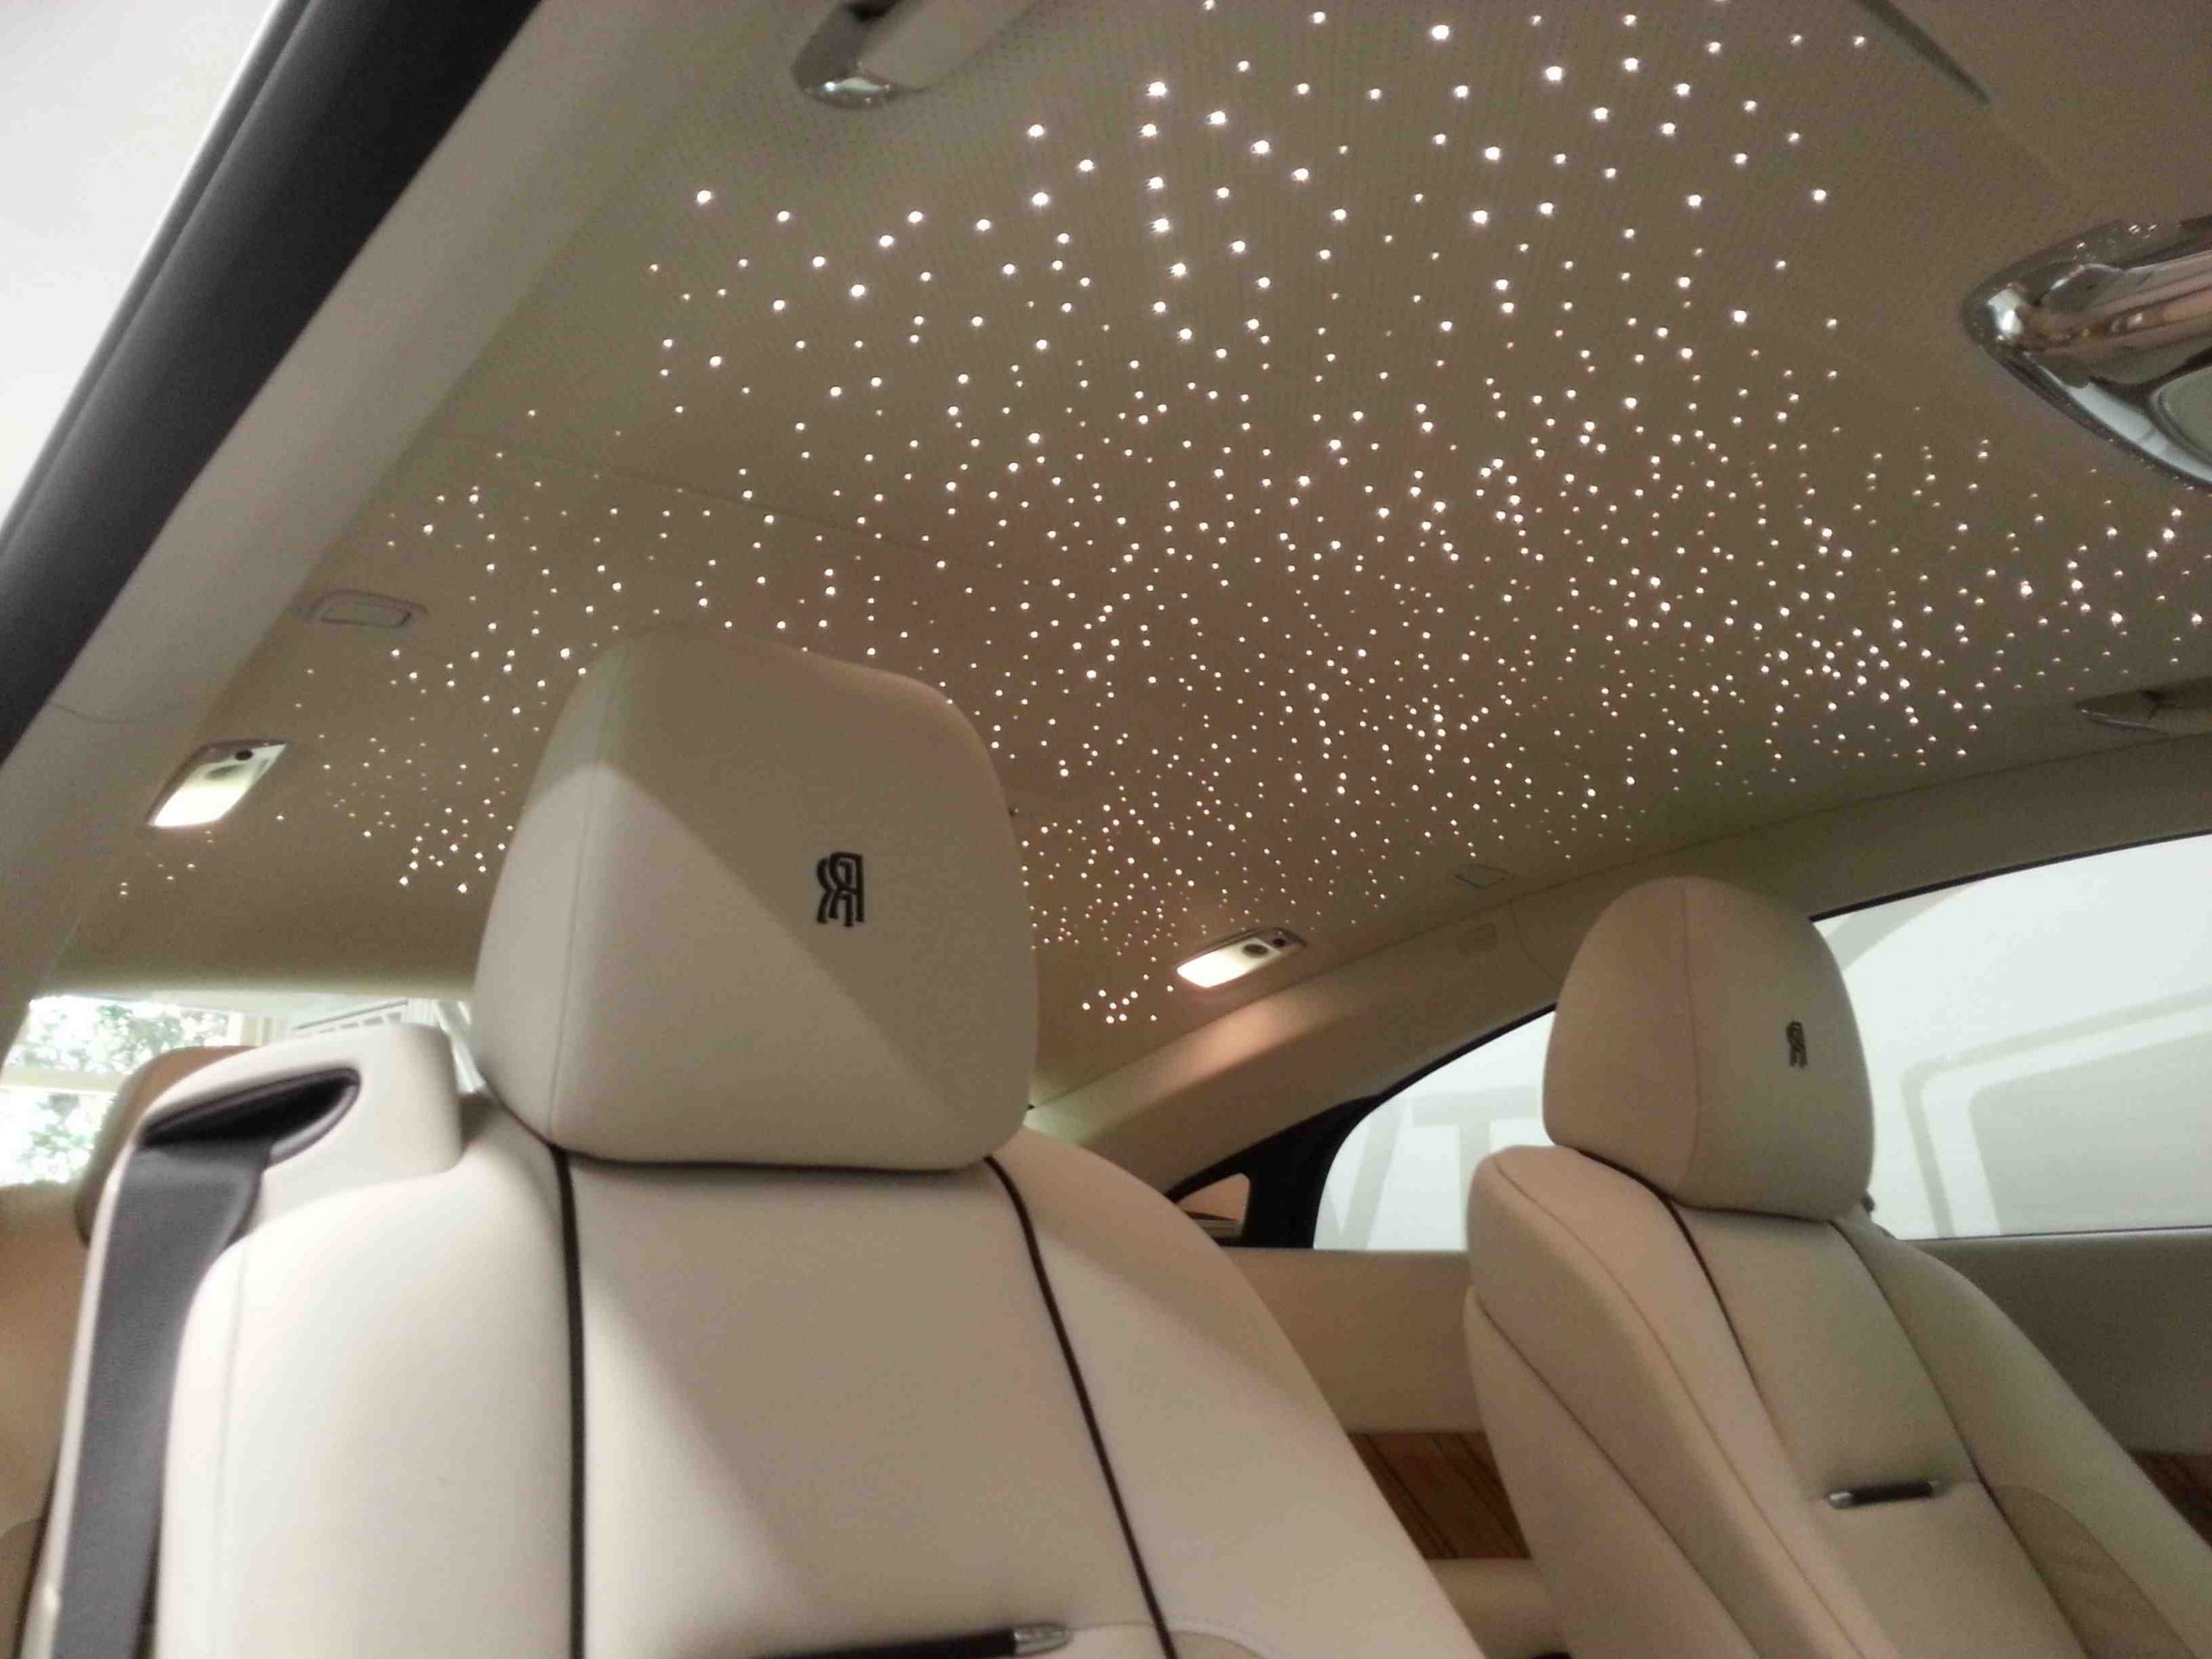 Comment faire un plafond étoilé fibre optique ?